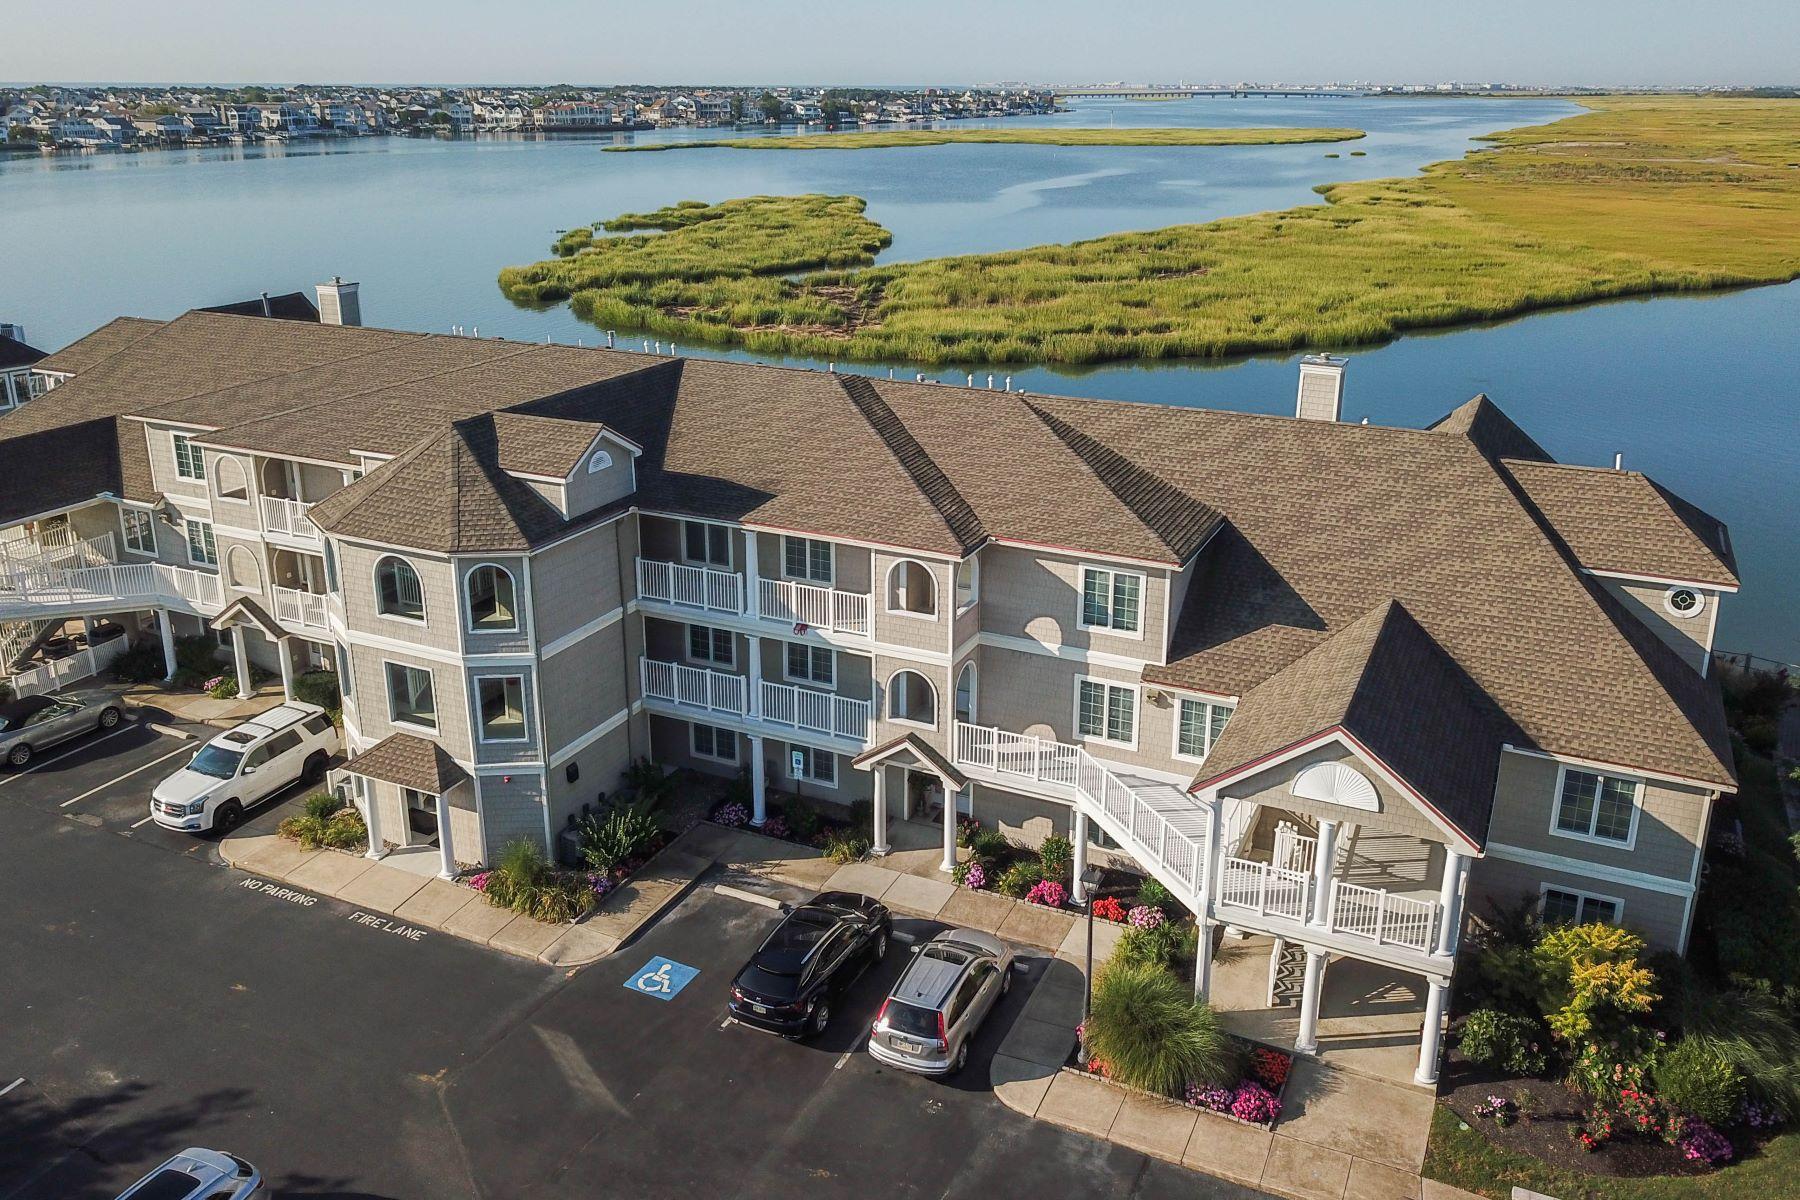 Таунхаус для того Продажа на Majestic Views 1127 Stone Harbor Blvd Unit B22, Stone Harbor, Нью-Джерси 08247 Соединенные Штаты